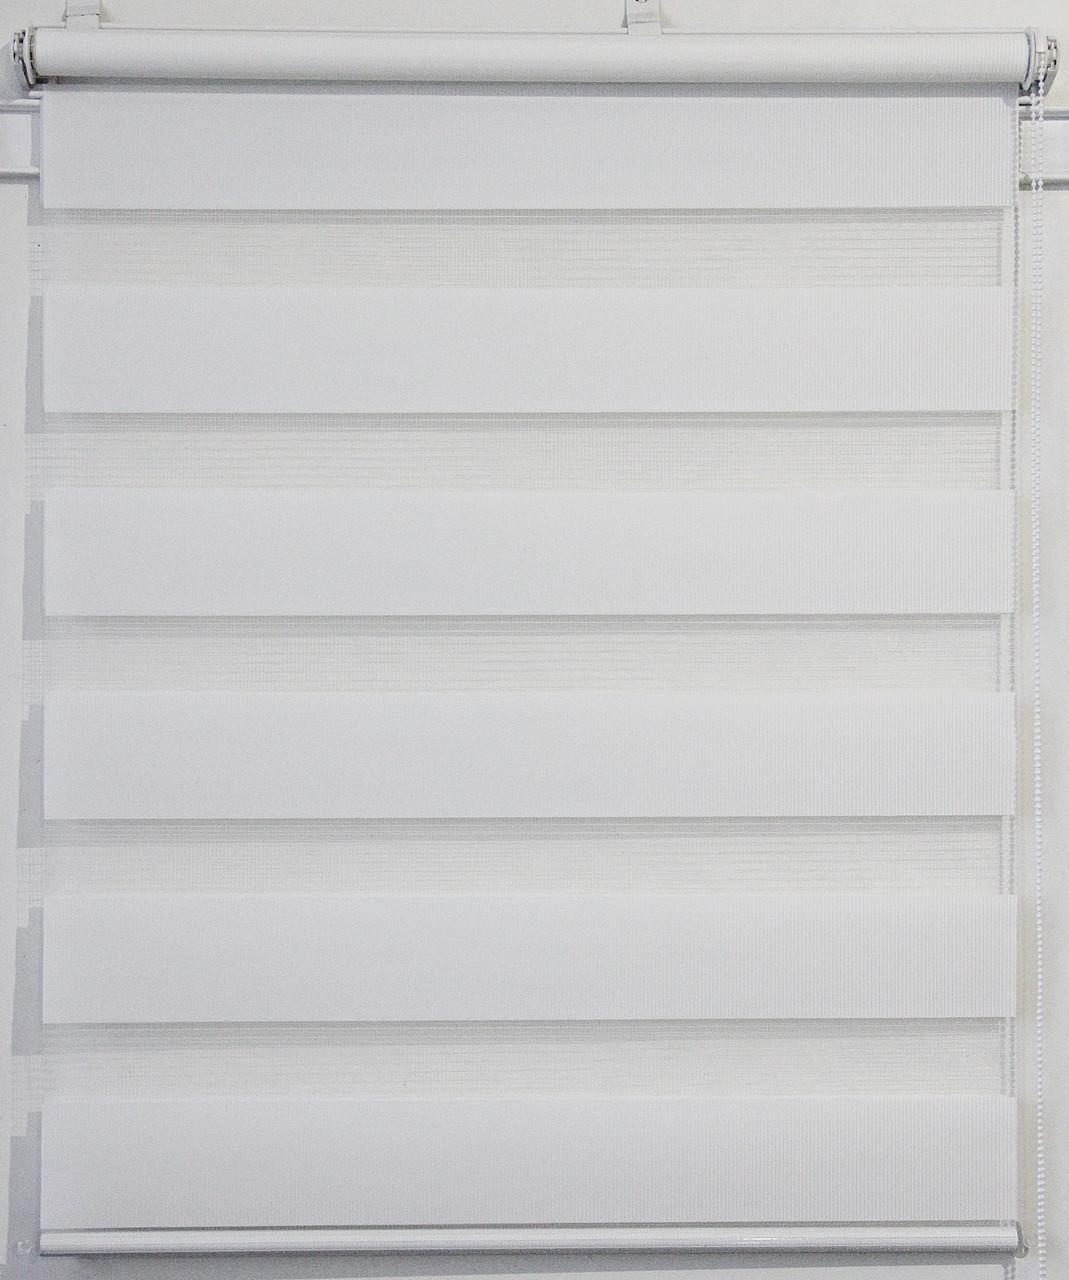 Готовые рулонные шторы 575*1300 Ткань ВН-01 Белый